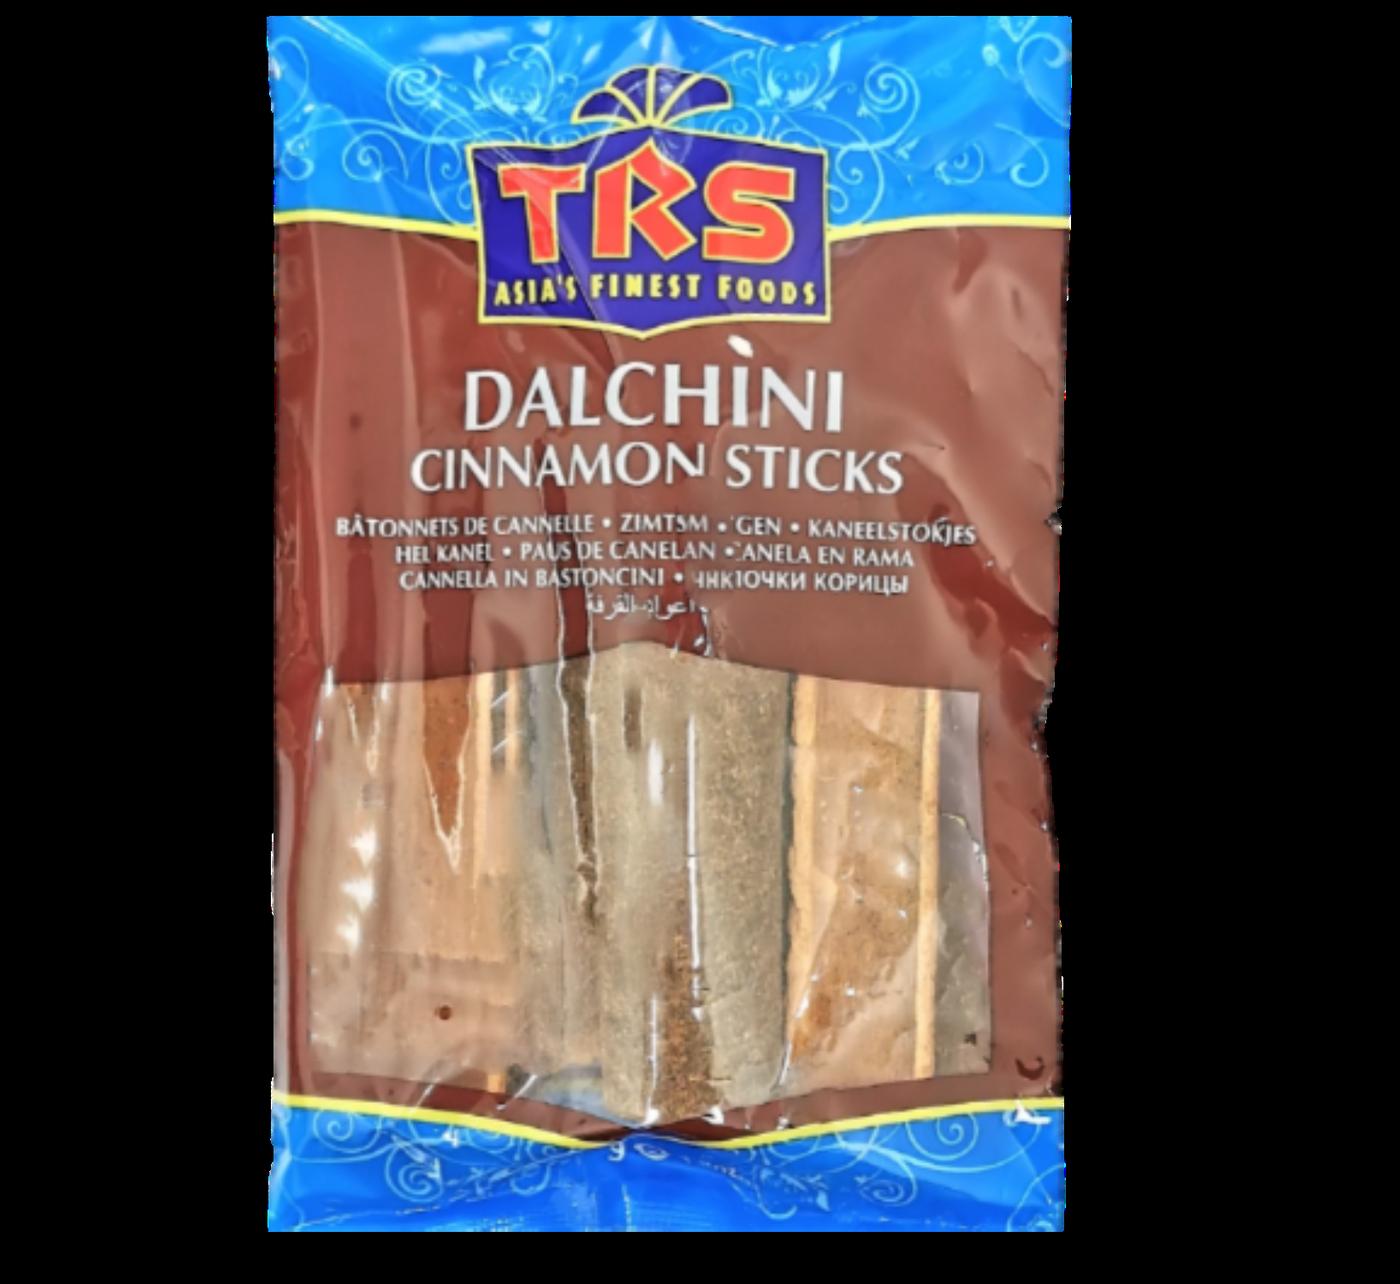 TRS Dalchini Cinnamon Stick